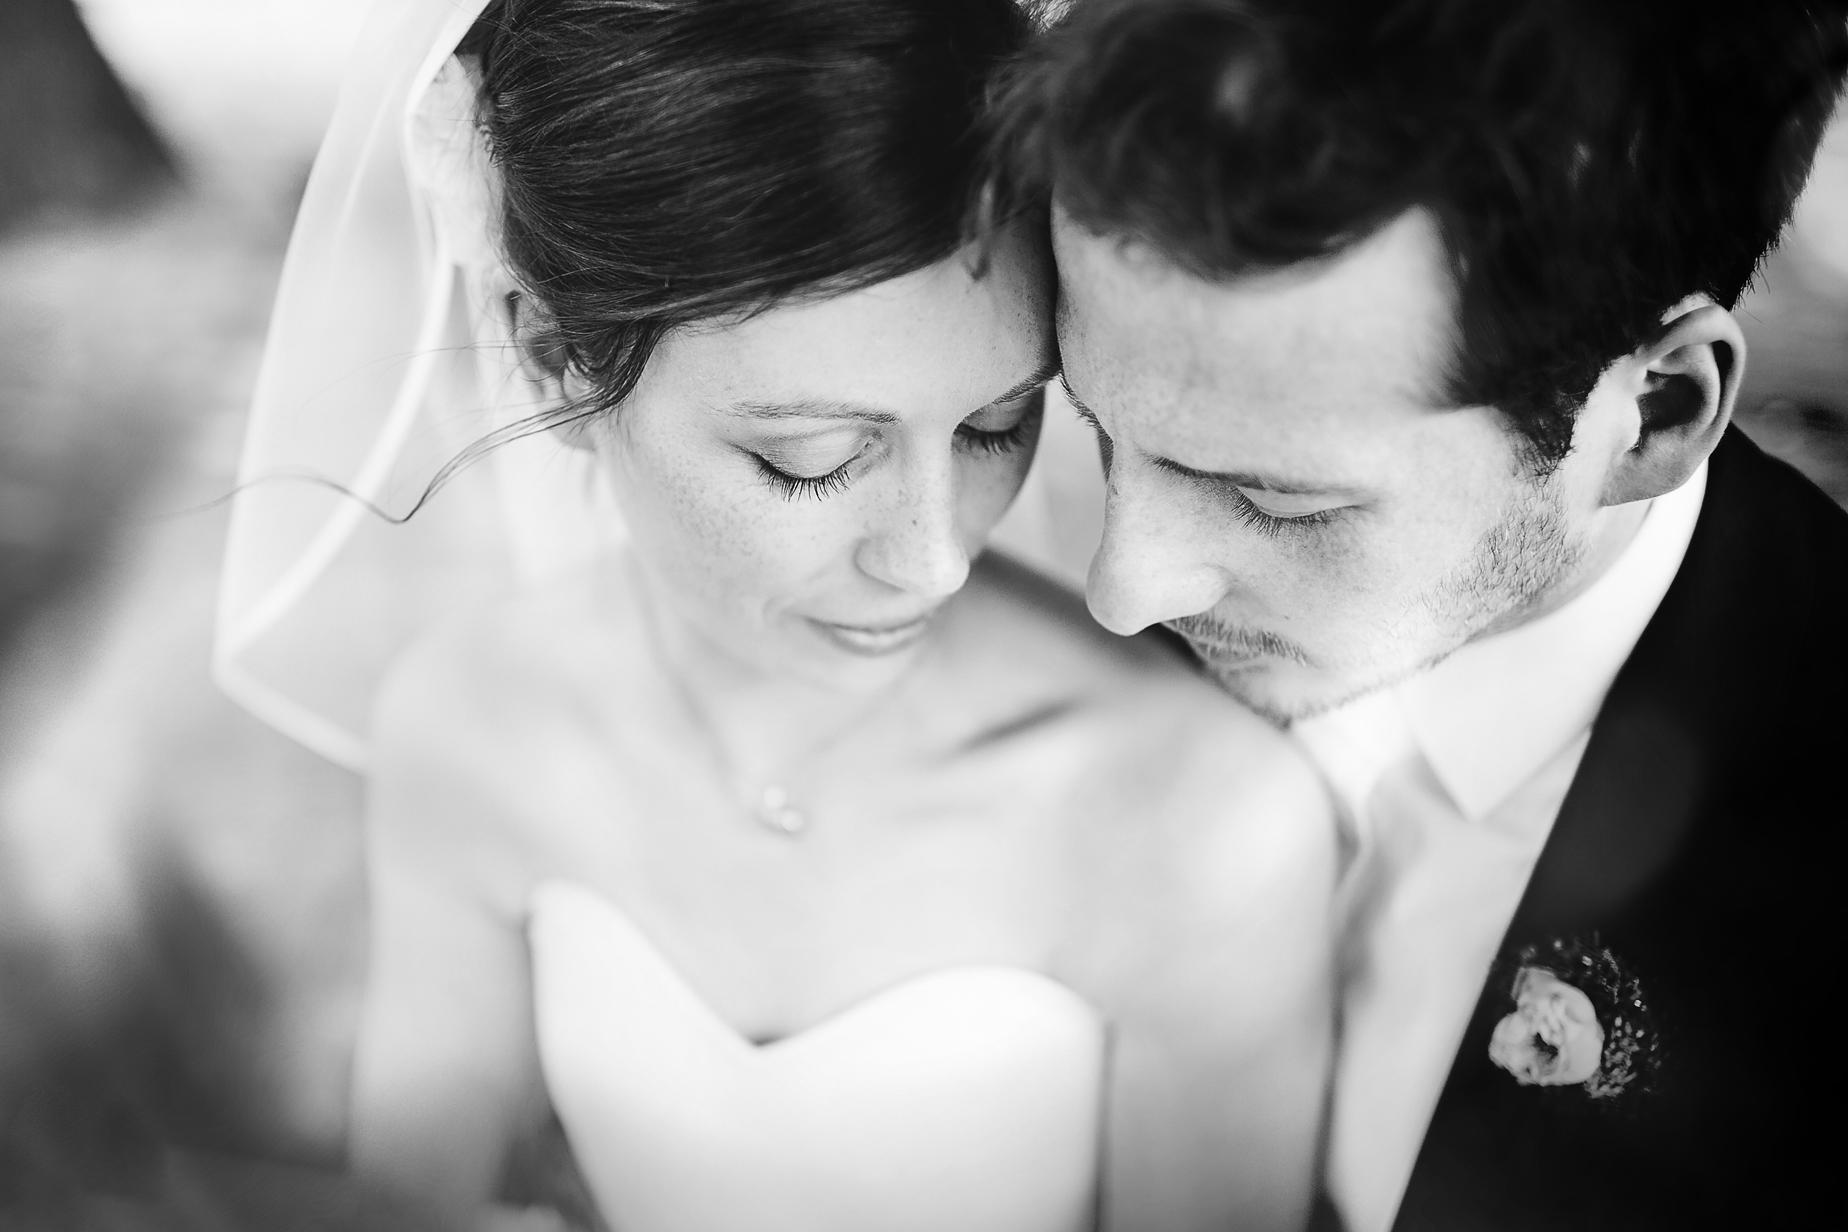 2014-06-07-preview Wiebke und Marcio - Hochzeitsfotograf in Lüneburg